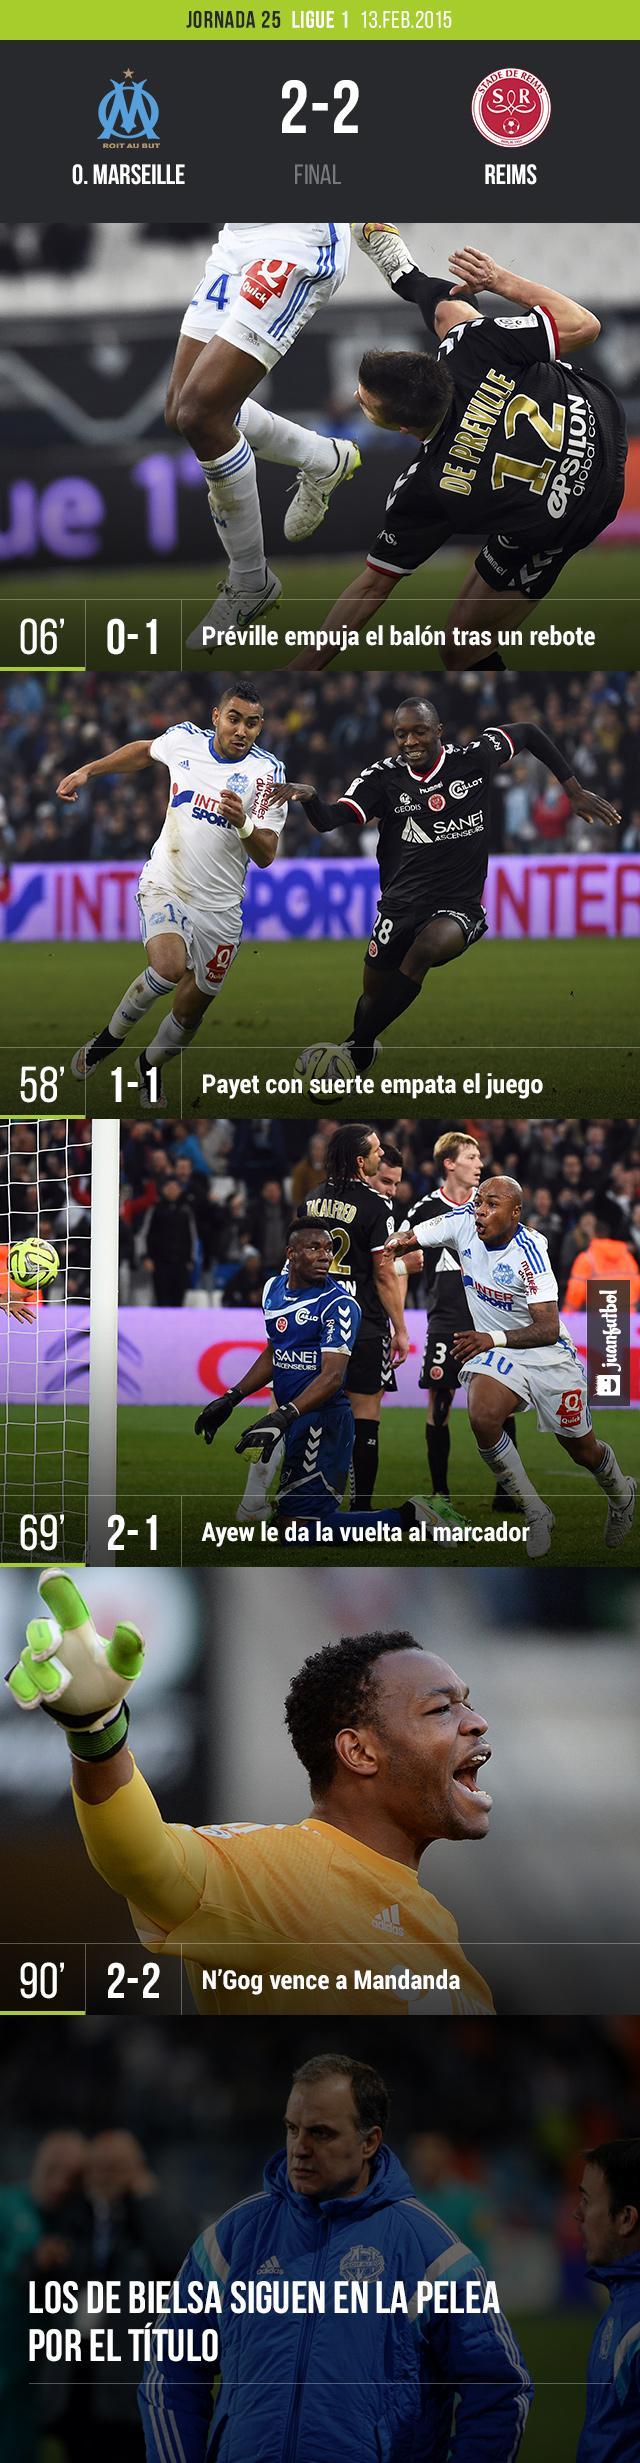 El Marseilla empata 2-2 con Reimns en la jornada 25 de la Ligue 1. Los de Bielsa se quedan con el segundo puesto detrás de Lyon, y están a la espera de lo que haga el PSG para mantener el puesto.